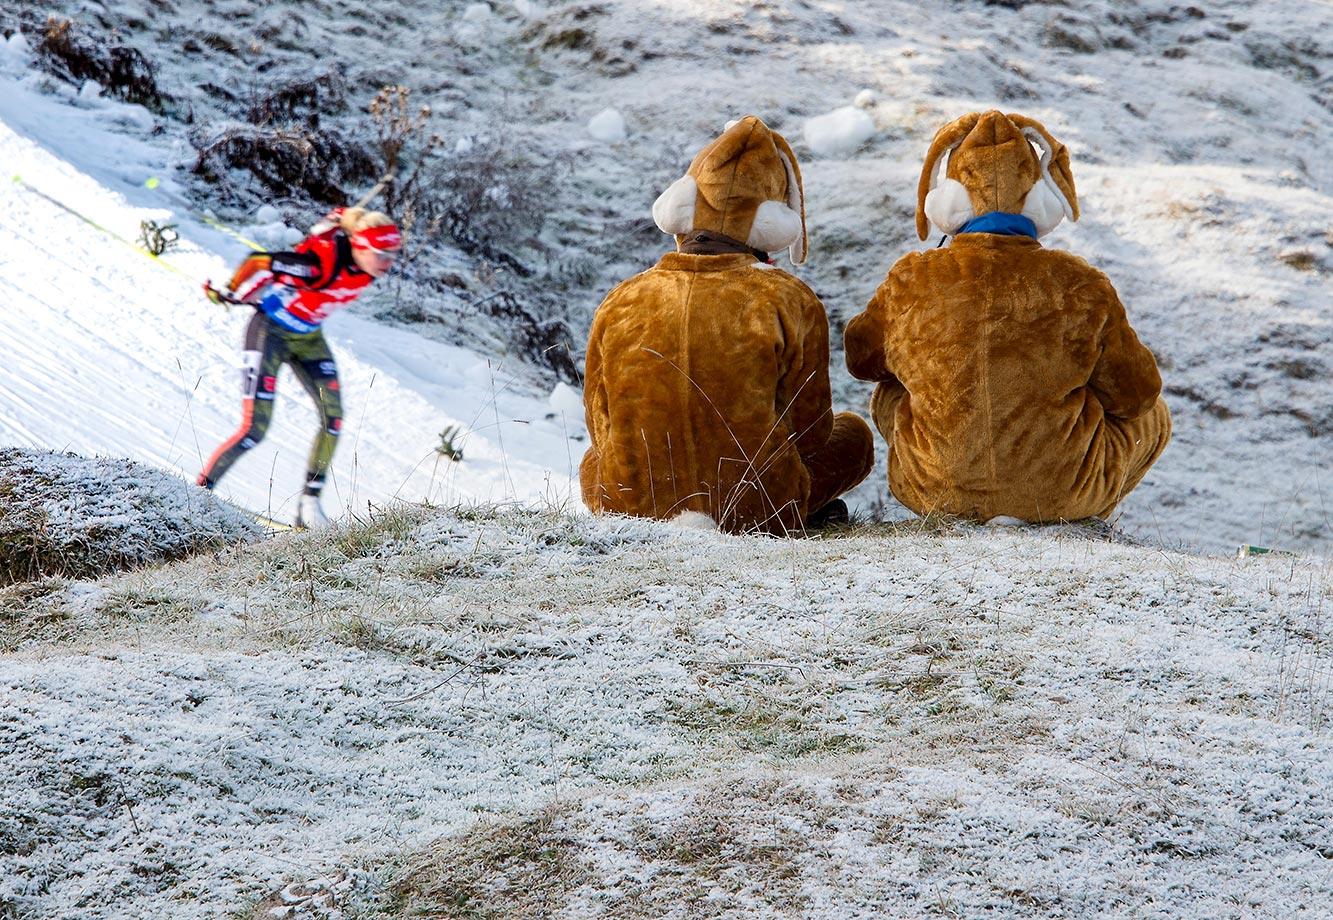 German biathlon fans watch Maren Hammerschmidt in the 7.5 km sprint event during IBU World Cup in Hochfilzen, Austria.